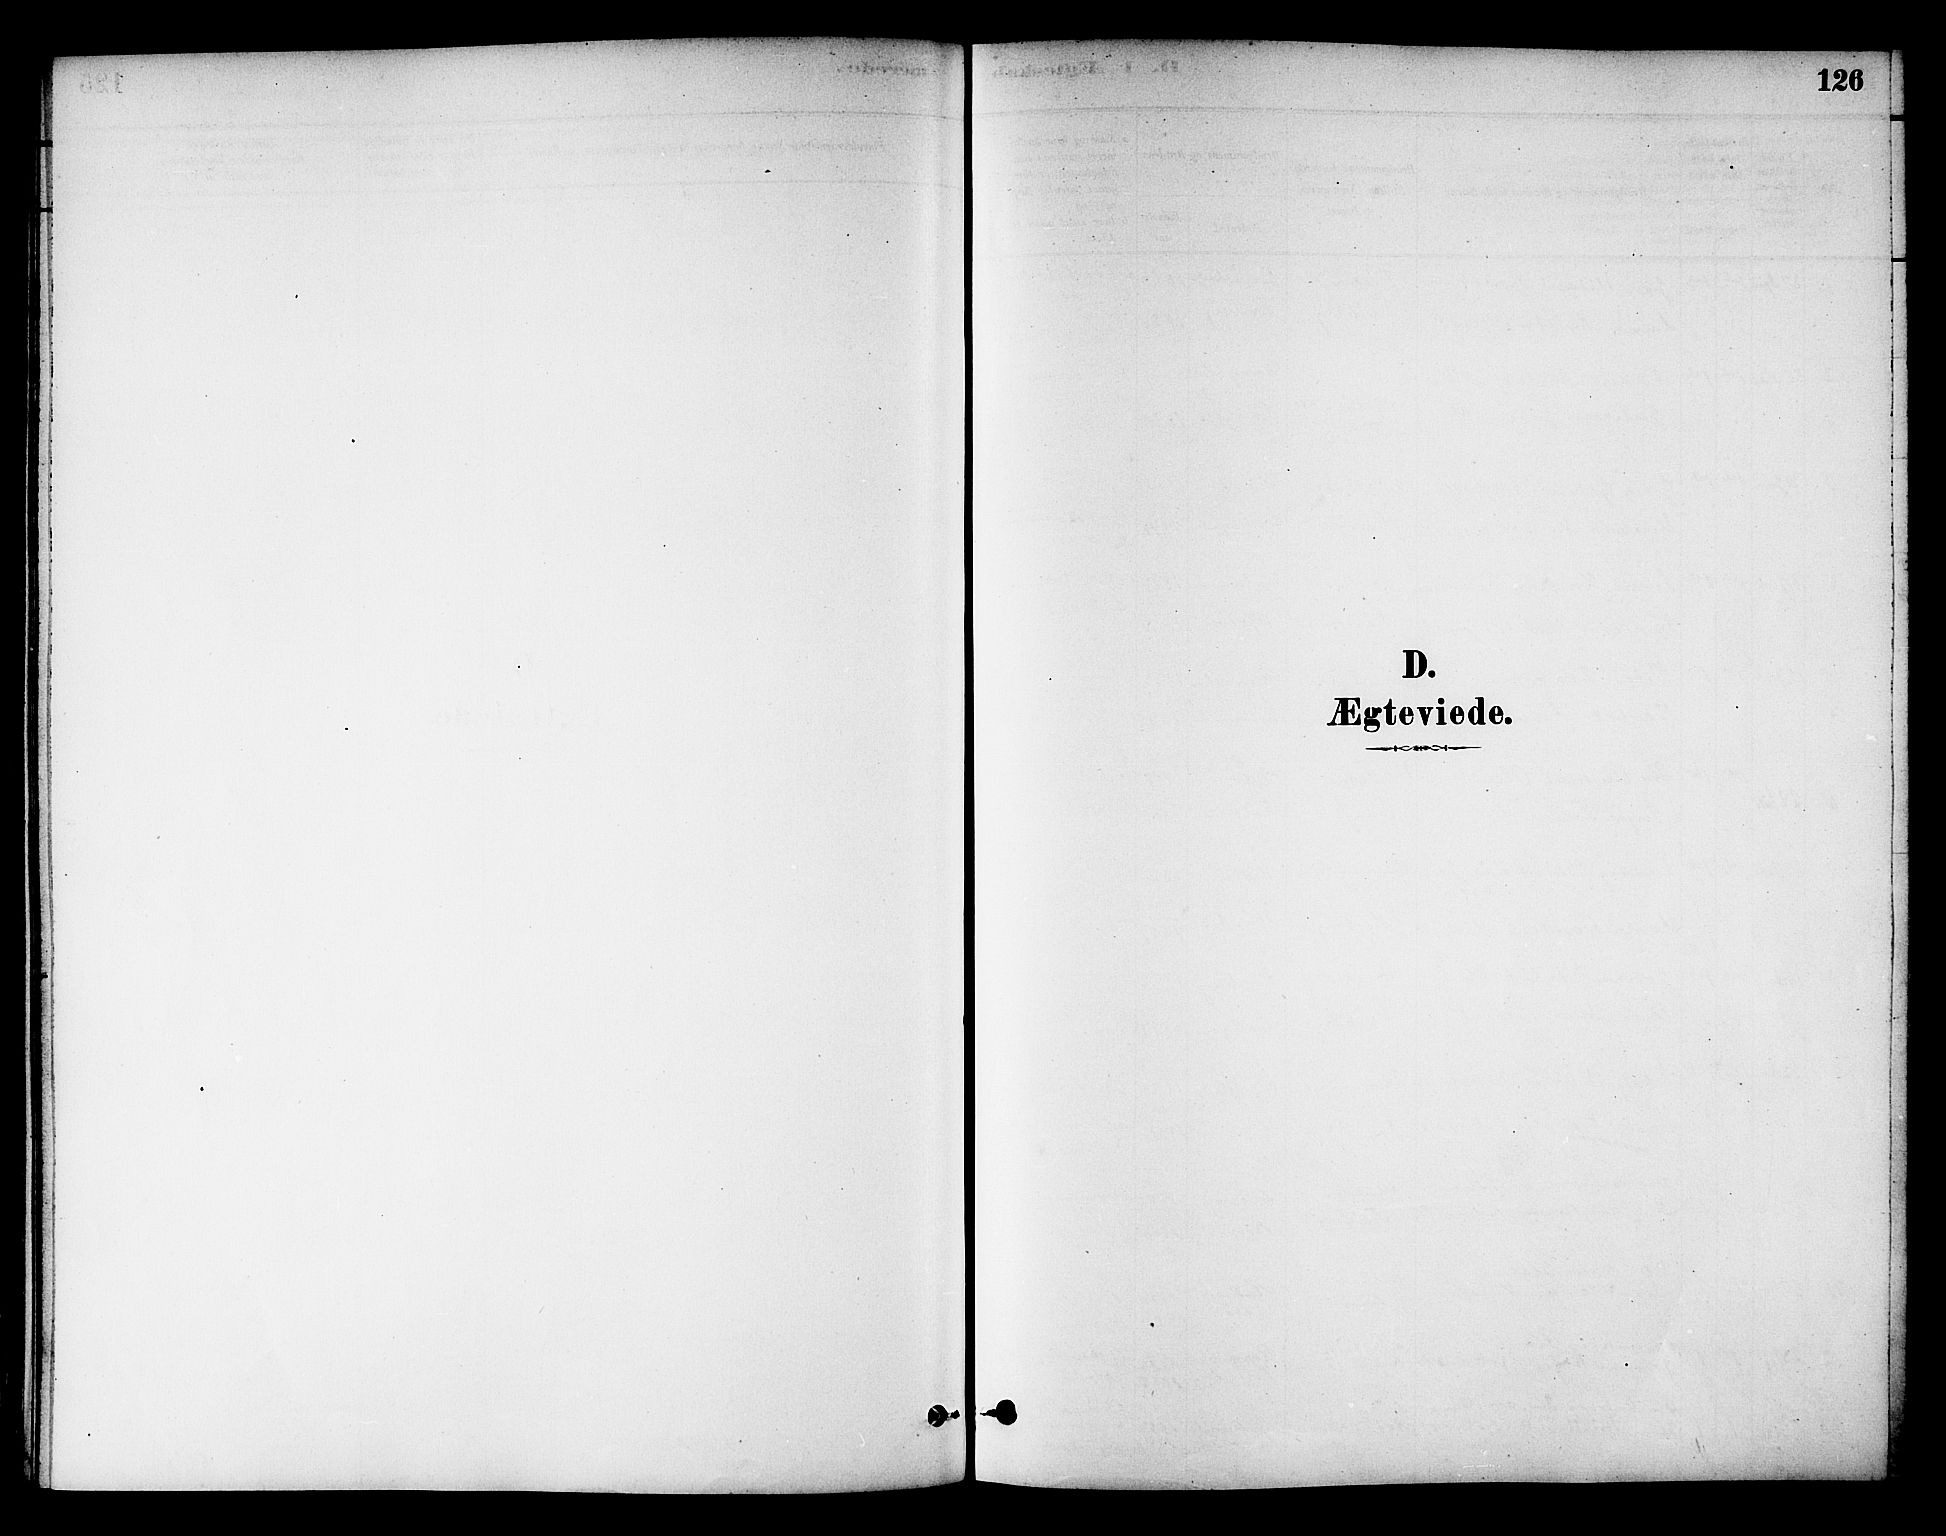 SAT, Ministerialprotokoller, klokkerbøker og fødselsregistre - Nord-Trøndelag, 784/L0672: Ministerialbok nr. 784A07, 1880-1887, s. 126